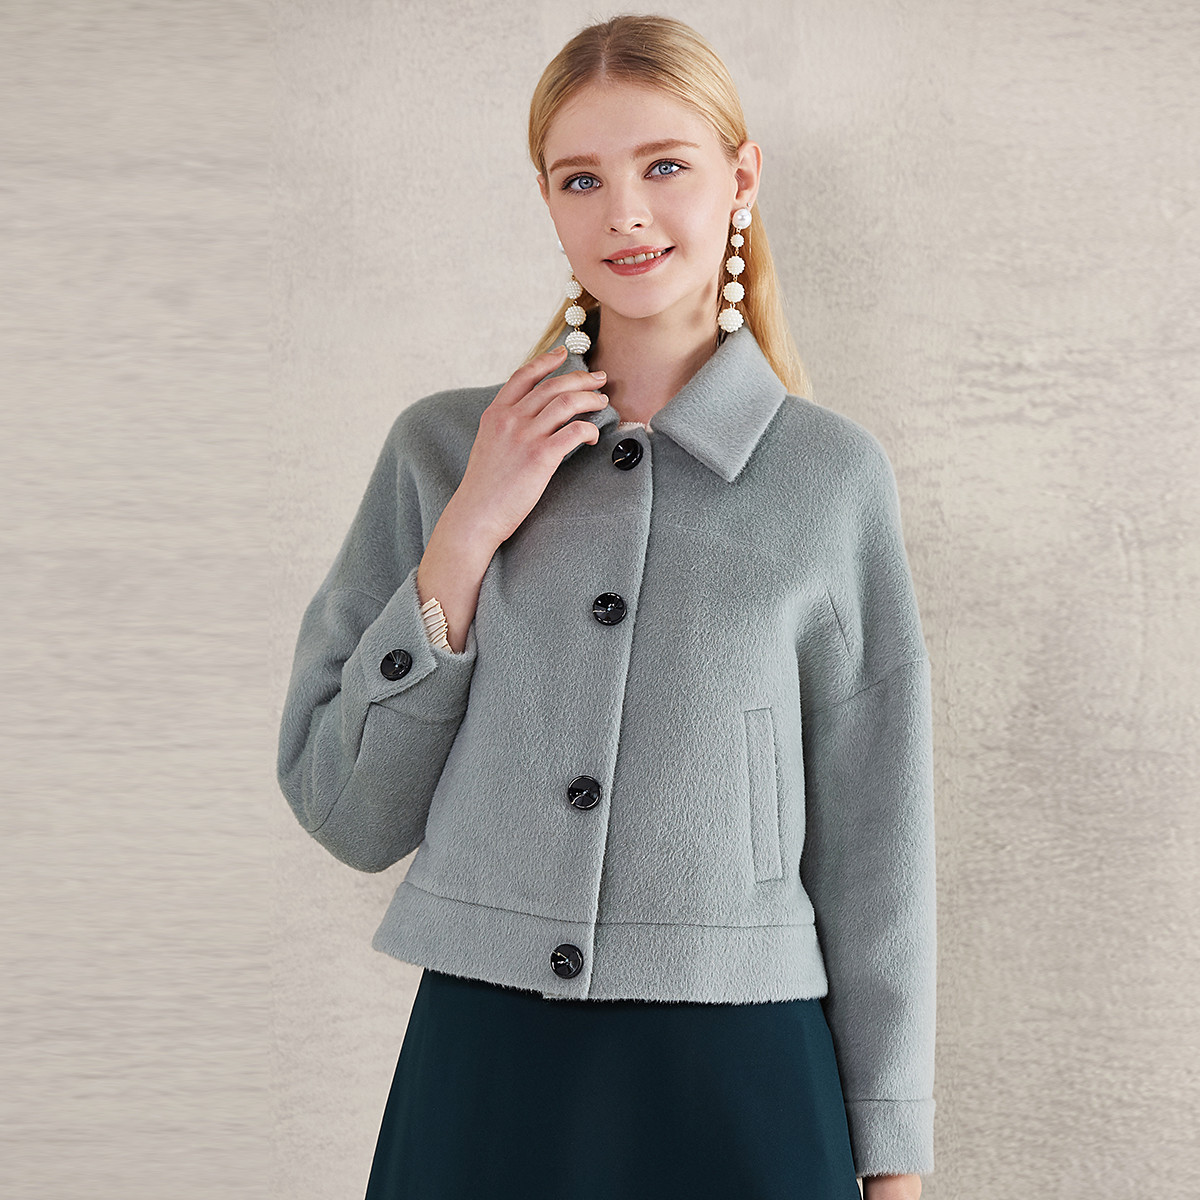 卡迪黛尔卡迪黛尔CADIDL小个子短外套女蝙蝠袖短款大衣外套修身百搭CK00088H4